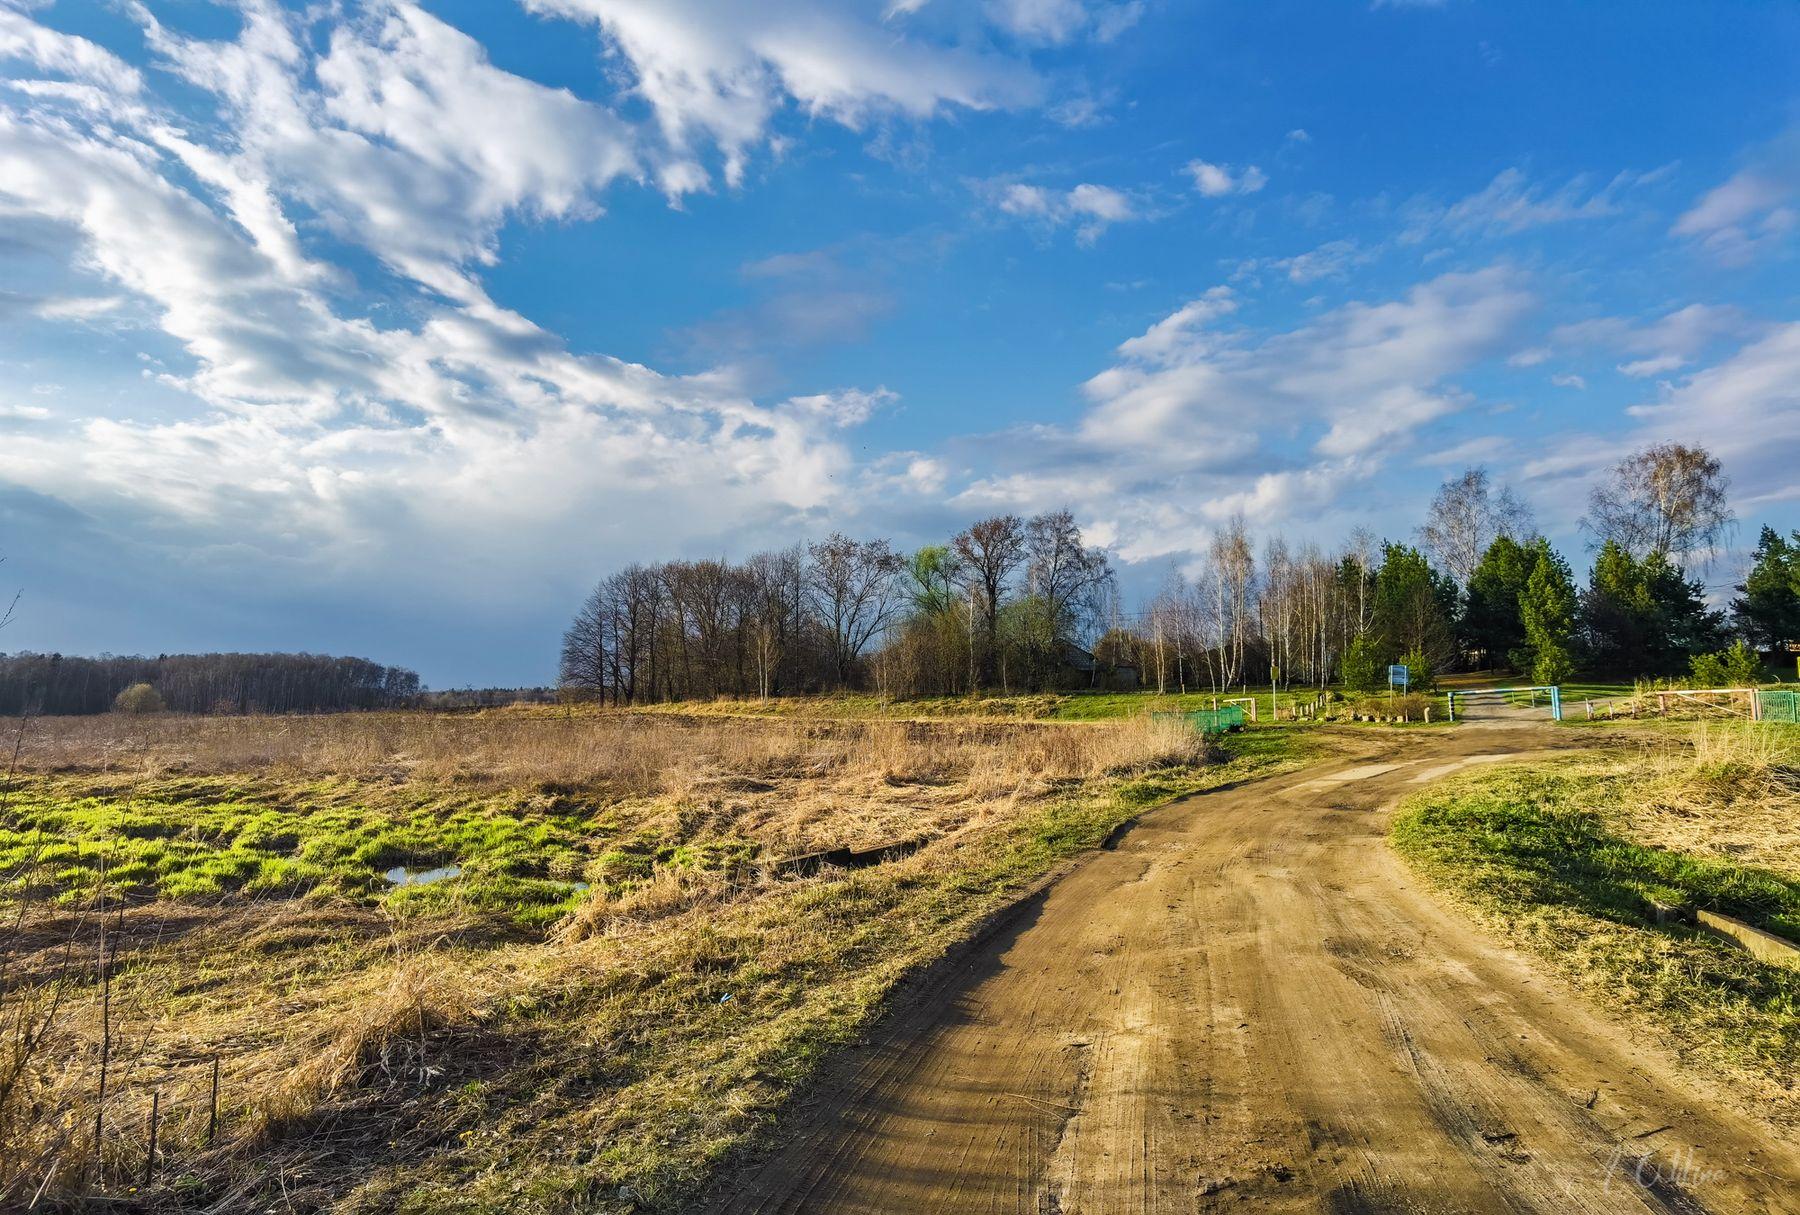 Апрельский вечер в деревне дорога деревня поле березы сосны